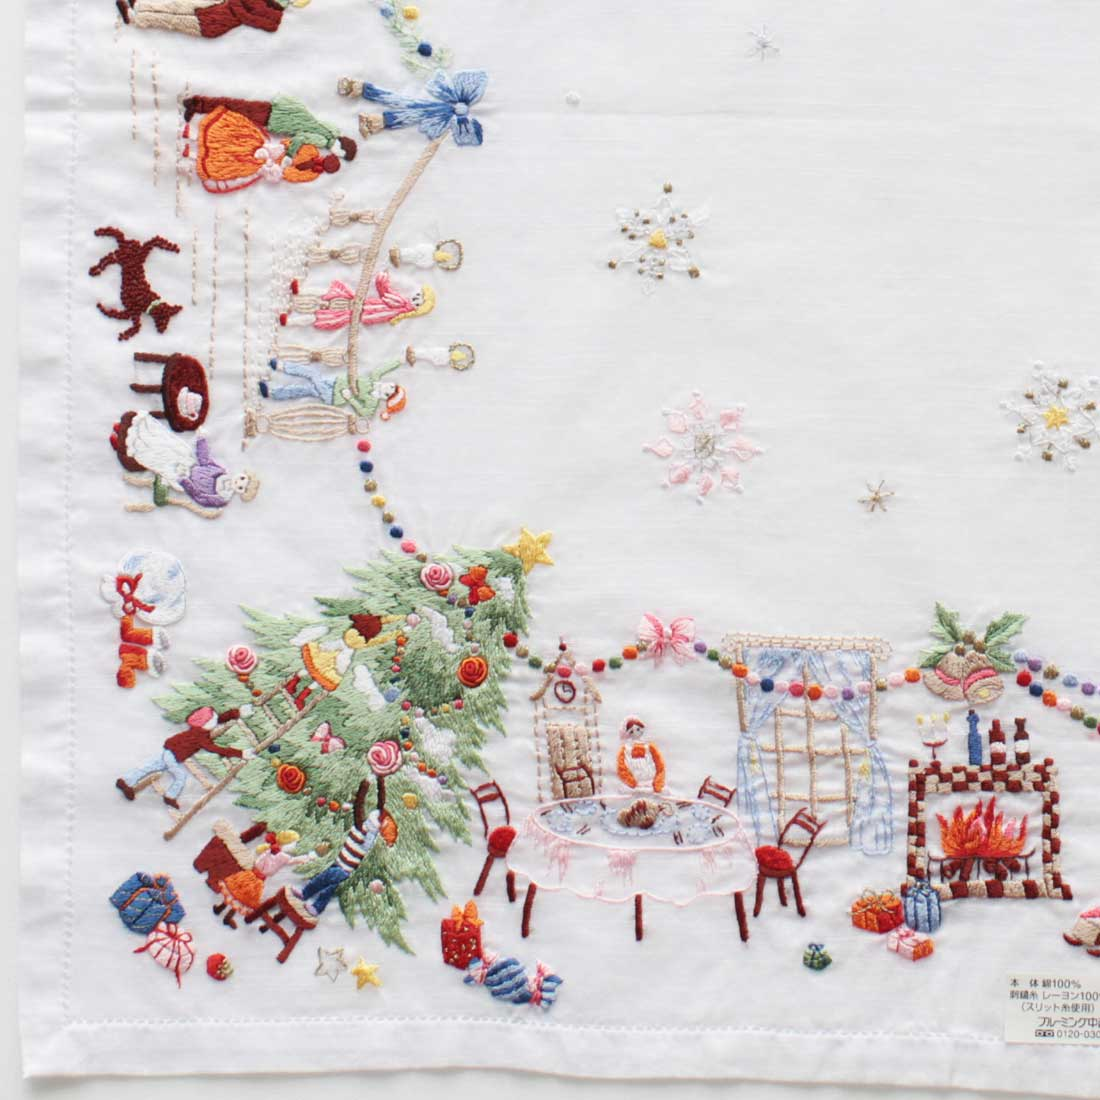 【送料無料】ベトナム手刺繍ハンカチ クリスマス 3701 ホワイト